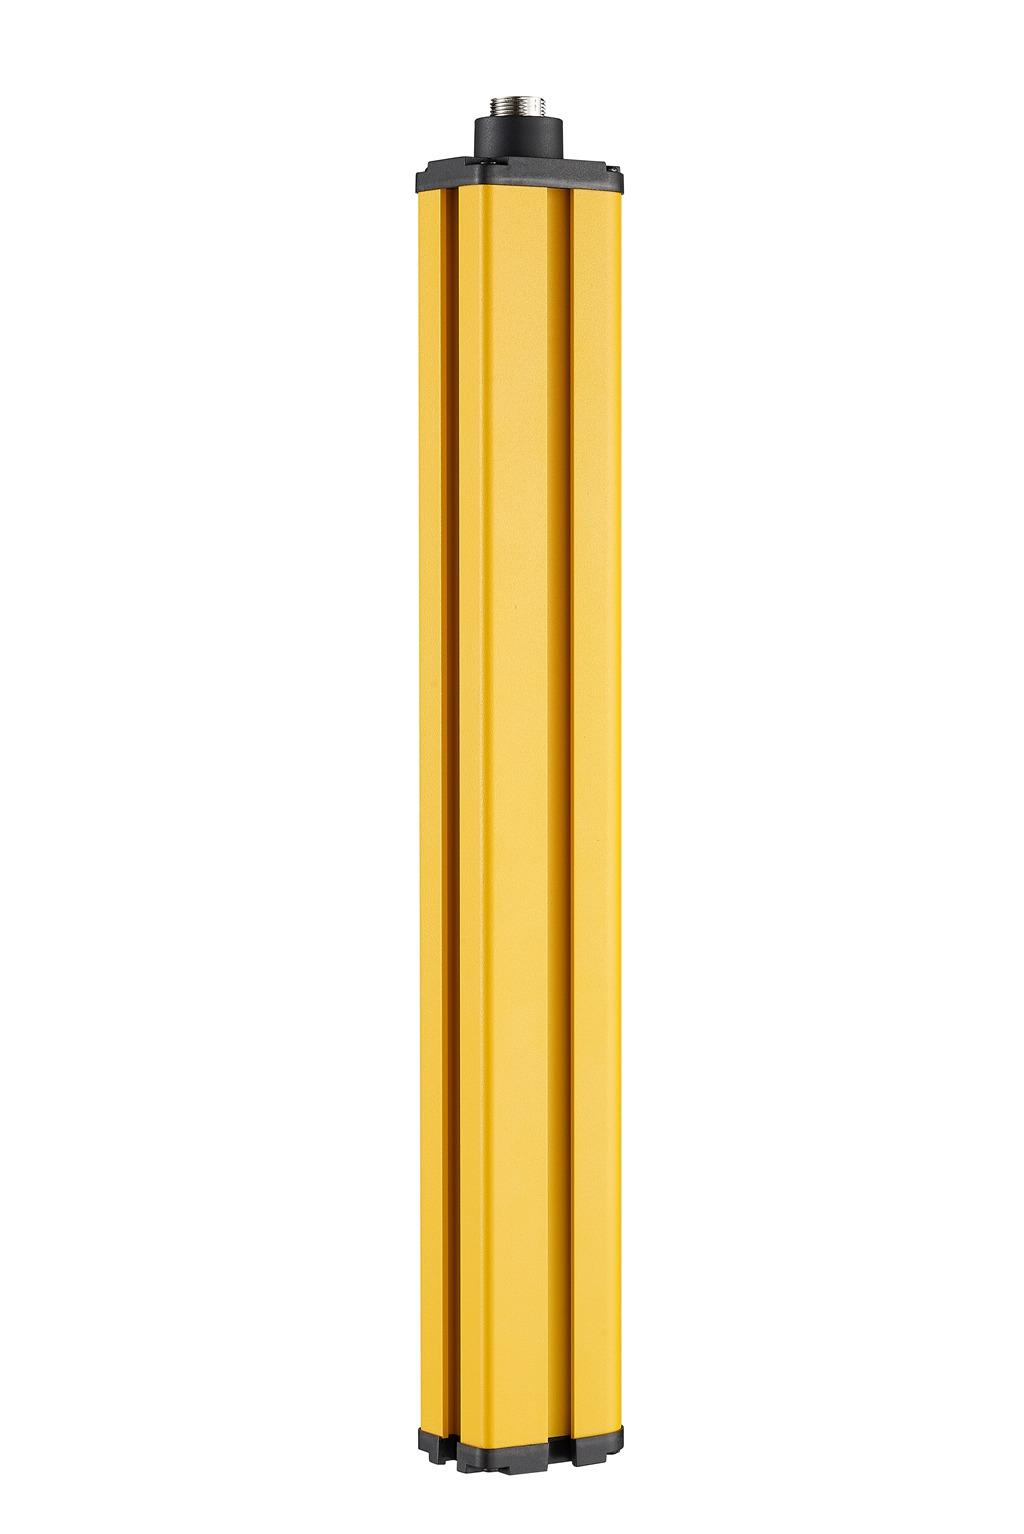 口碑好测量光栅规格尺寸,测量光栅